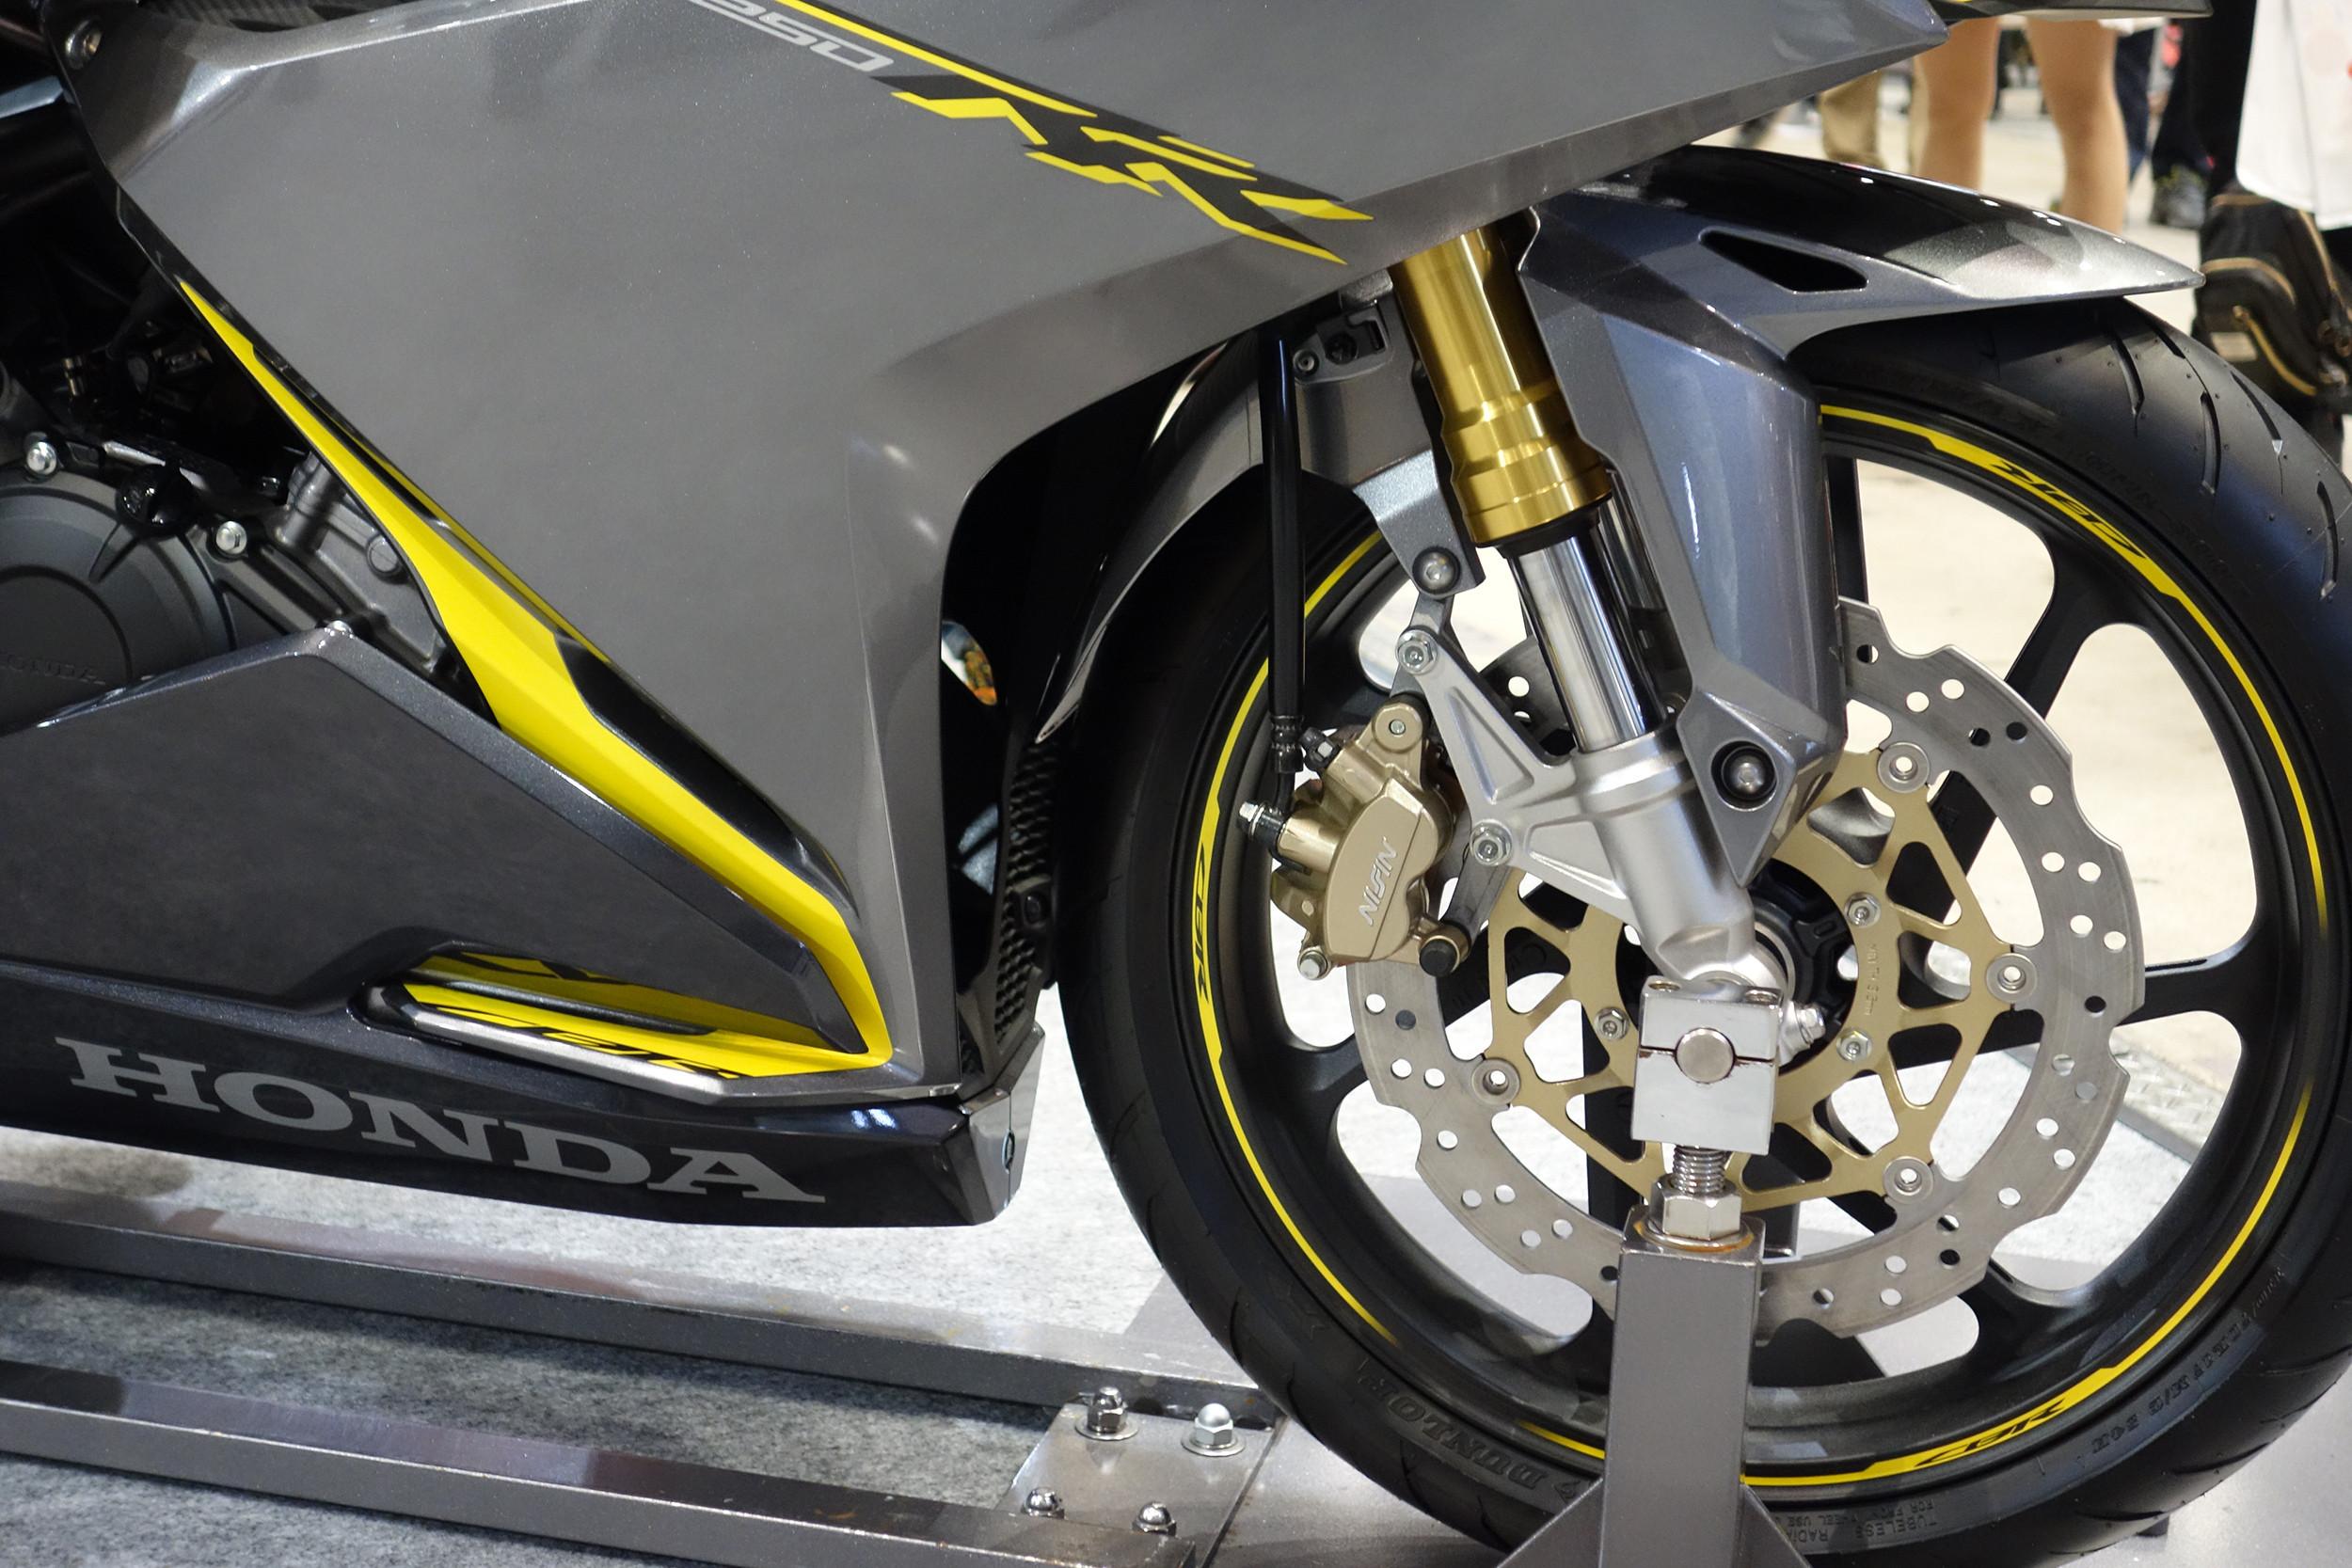 新型YZF-R25の倒立フォークはCBR250RRの物より太いと、工場関係の人が言ってるらしい : 個人的バイクまとめブログ